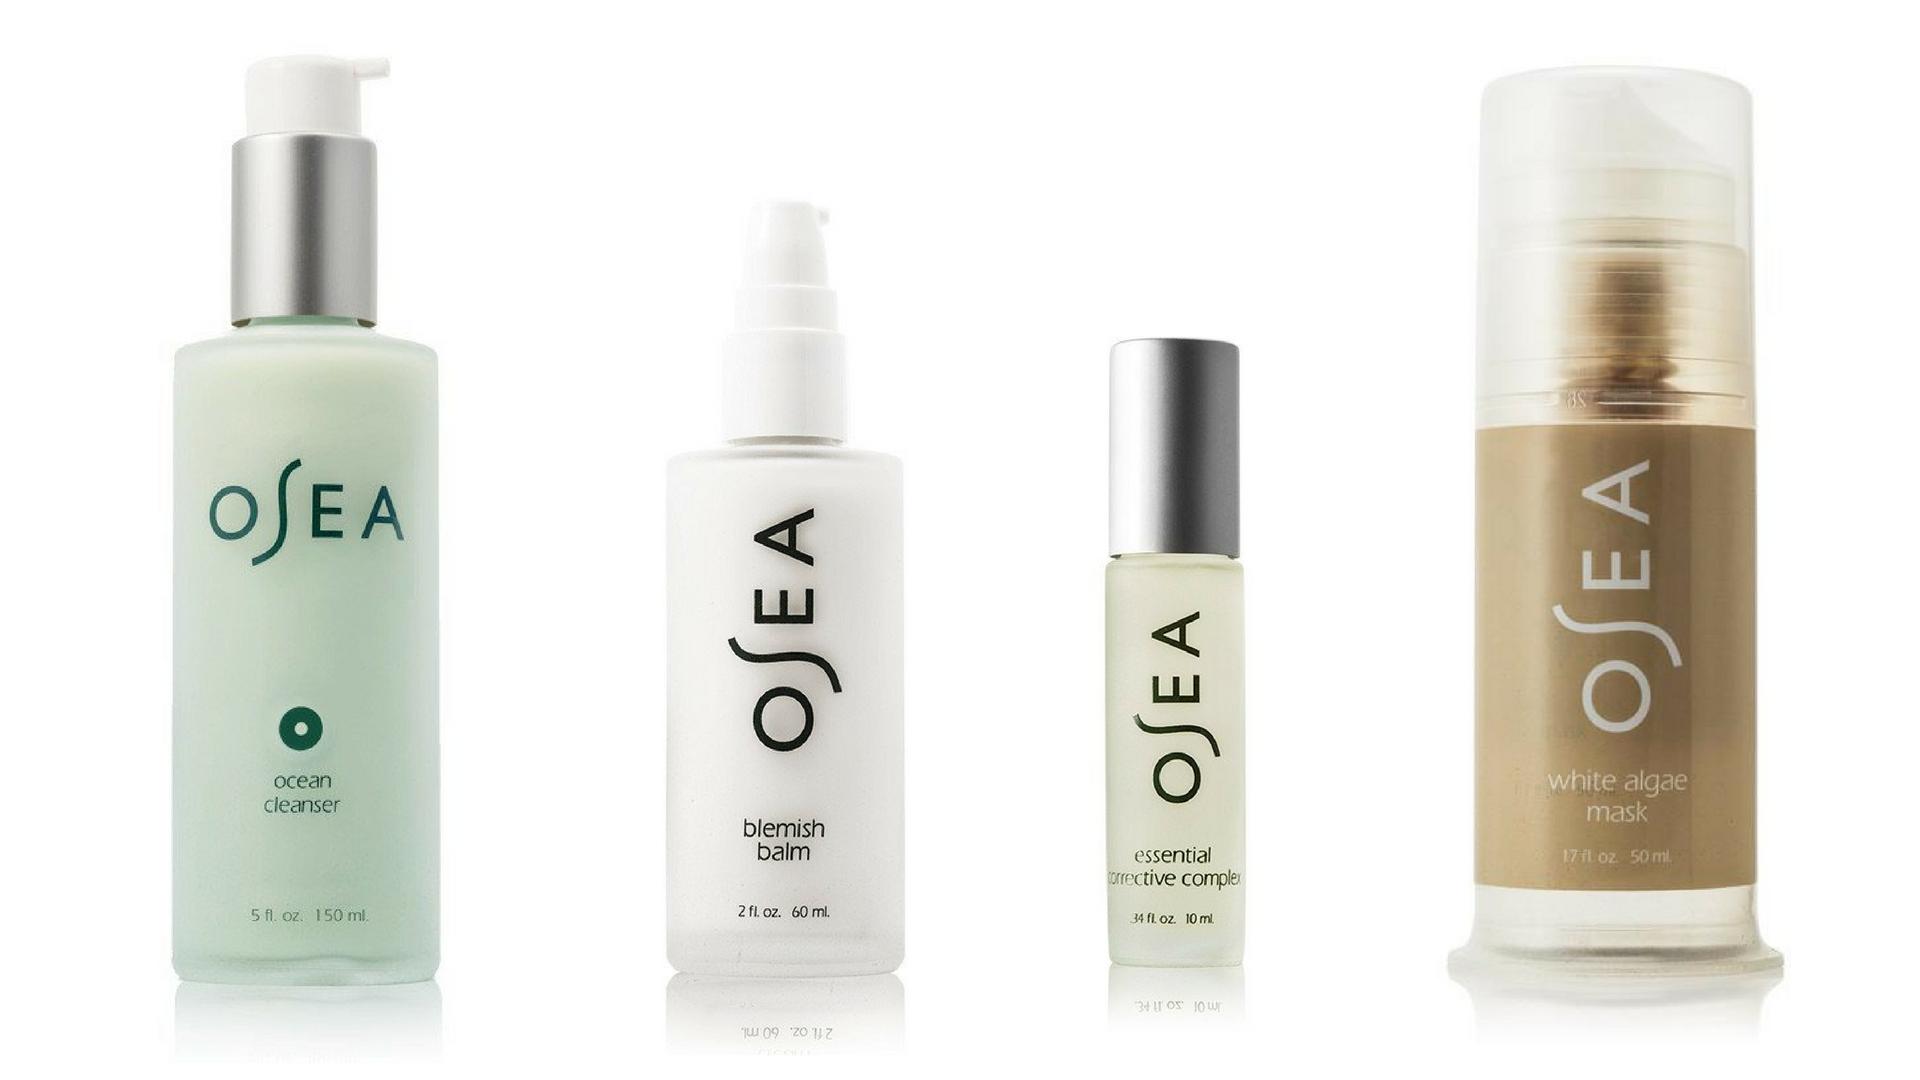 best-skincare-osea-malibu-beautiful-skin-all-natural-pure-skin-care.jpg